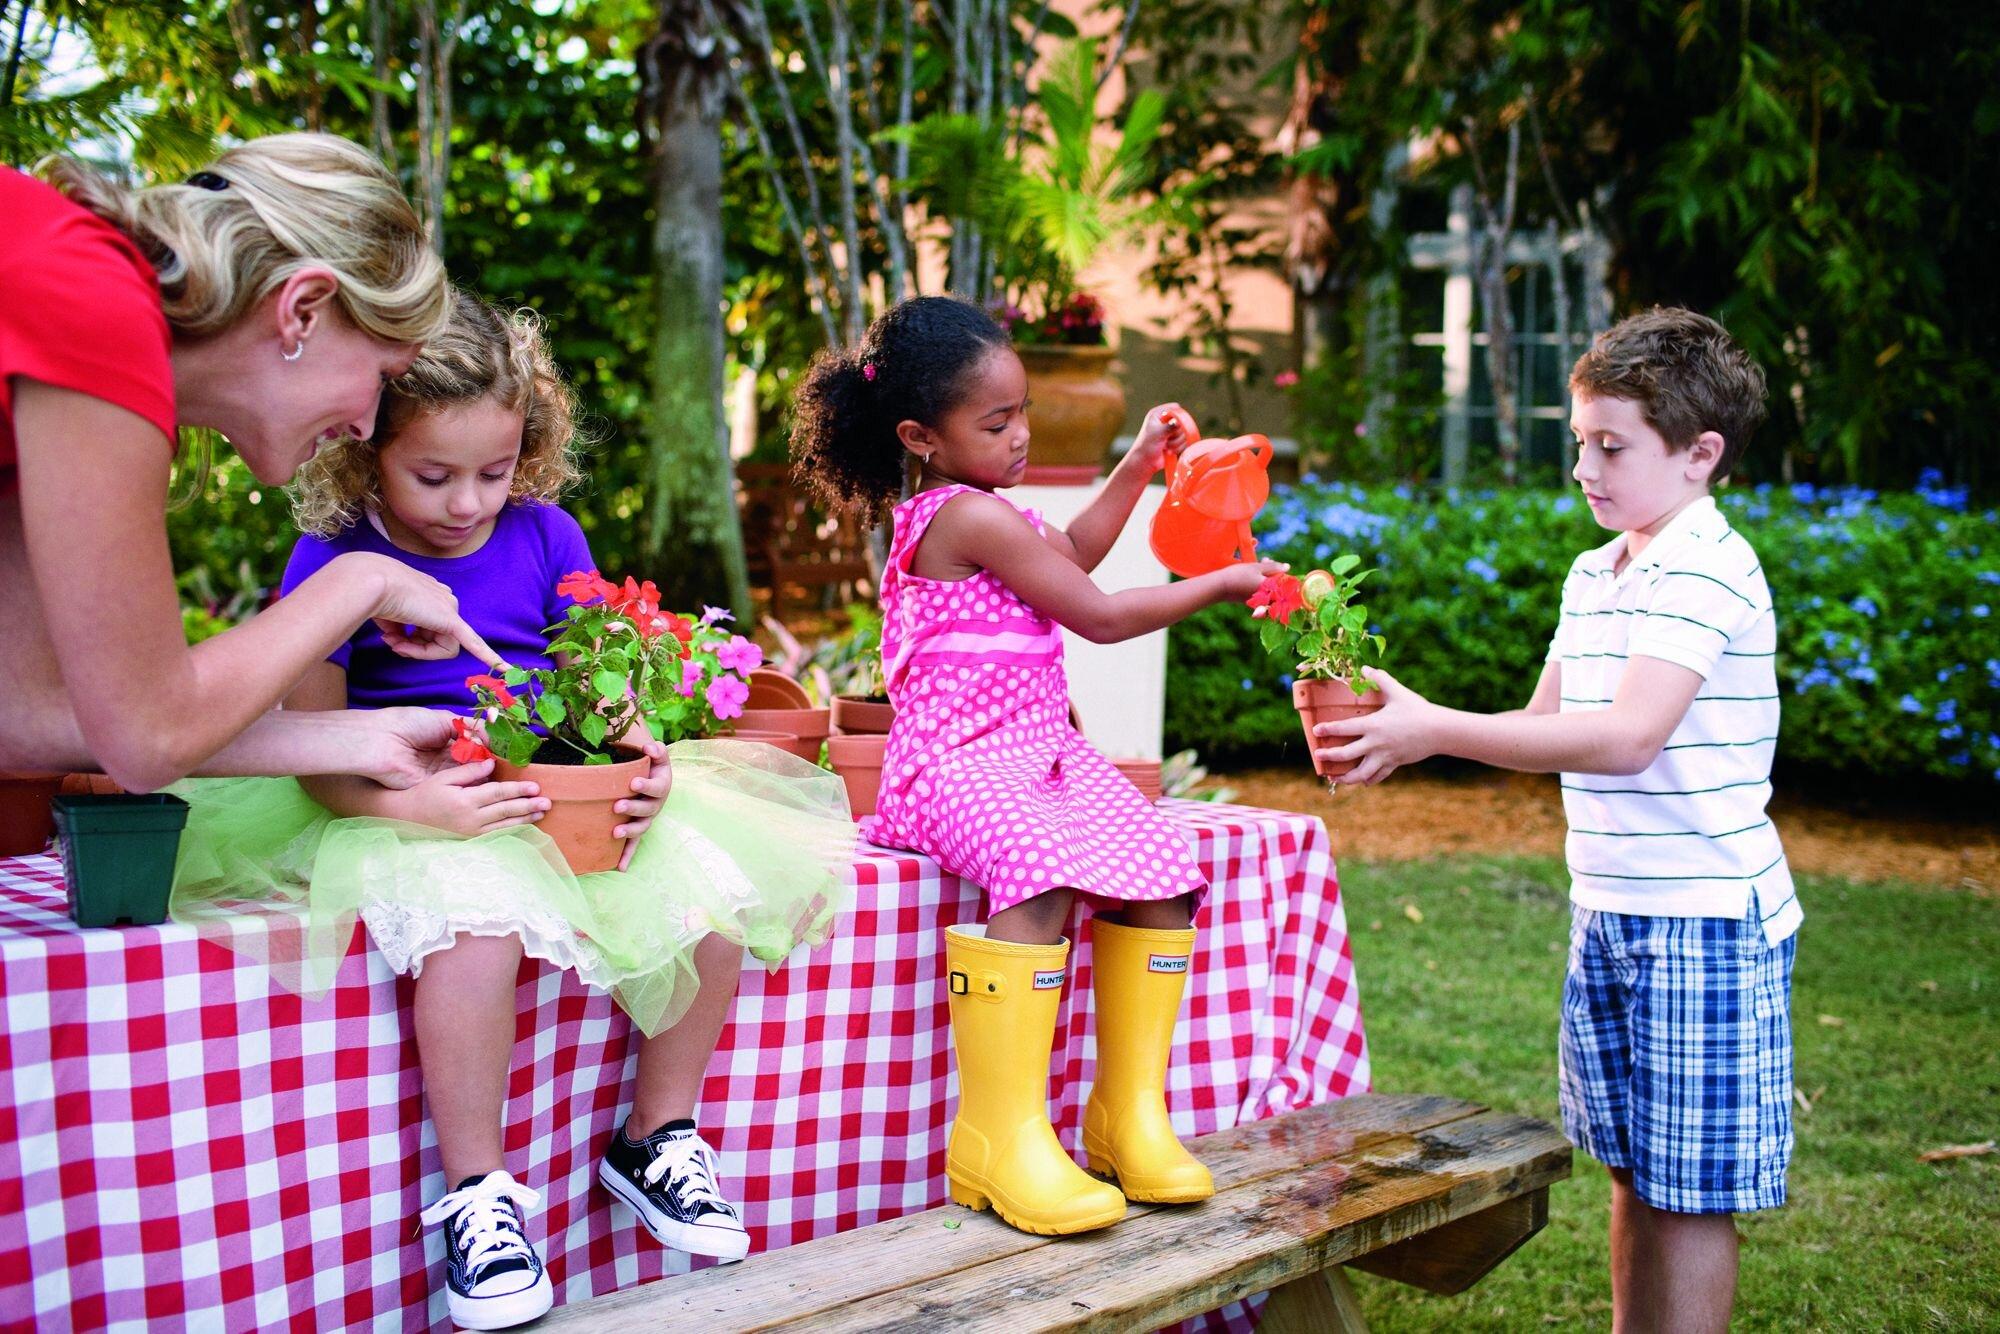 Image from  https://www.ritzcarlton.com/en/hotels/florida/orlando/area-activities/ritz-kids#fndtn-RitzKids